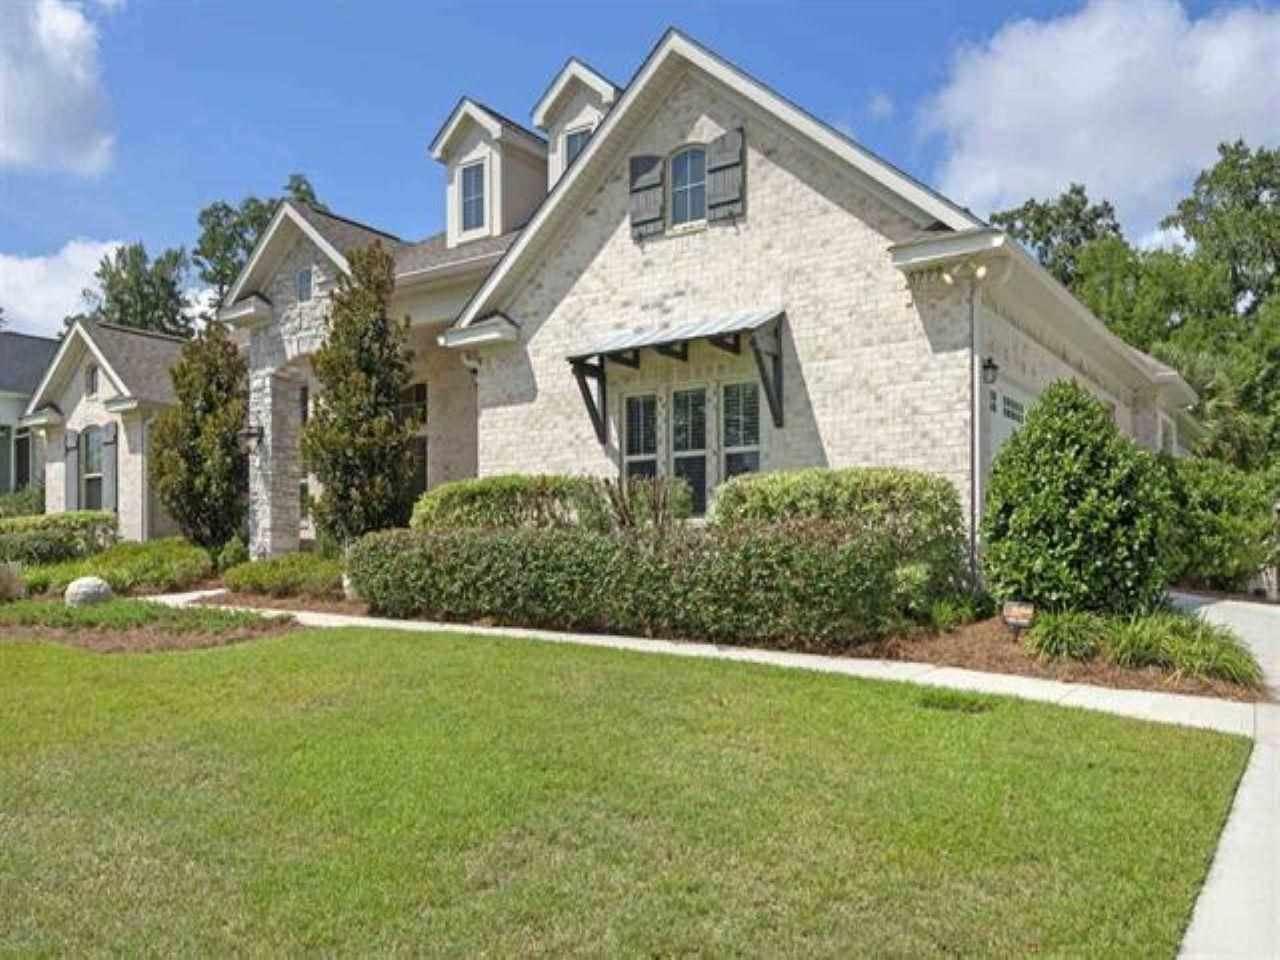 Photo of 5777 Farnsworth Drive, TALLAHASSEE, FL 32312 (MLS # 335106)